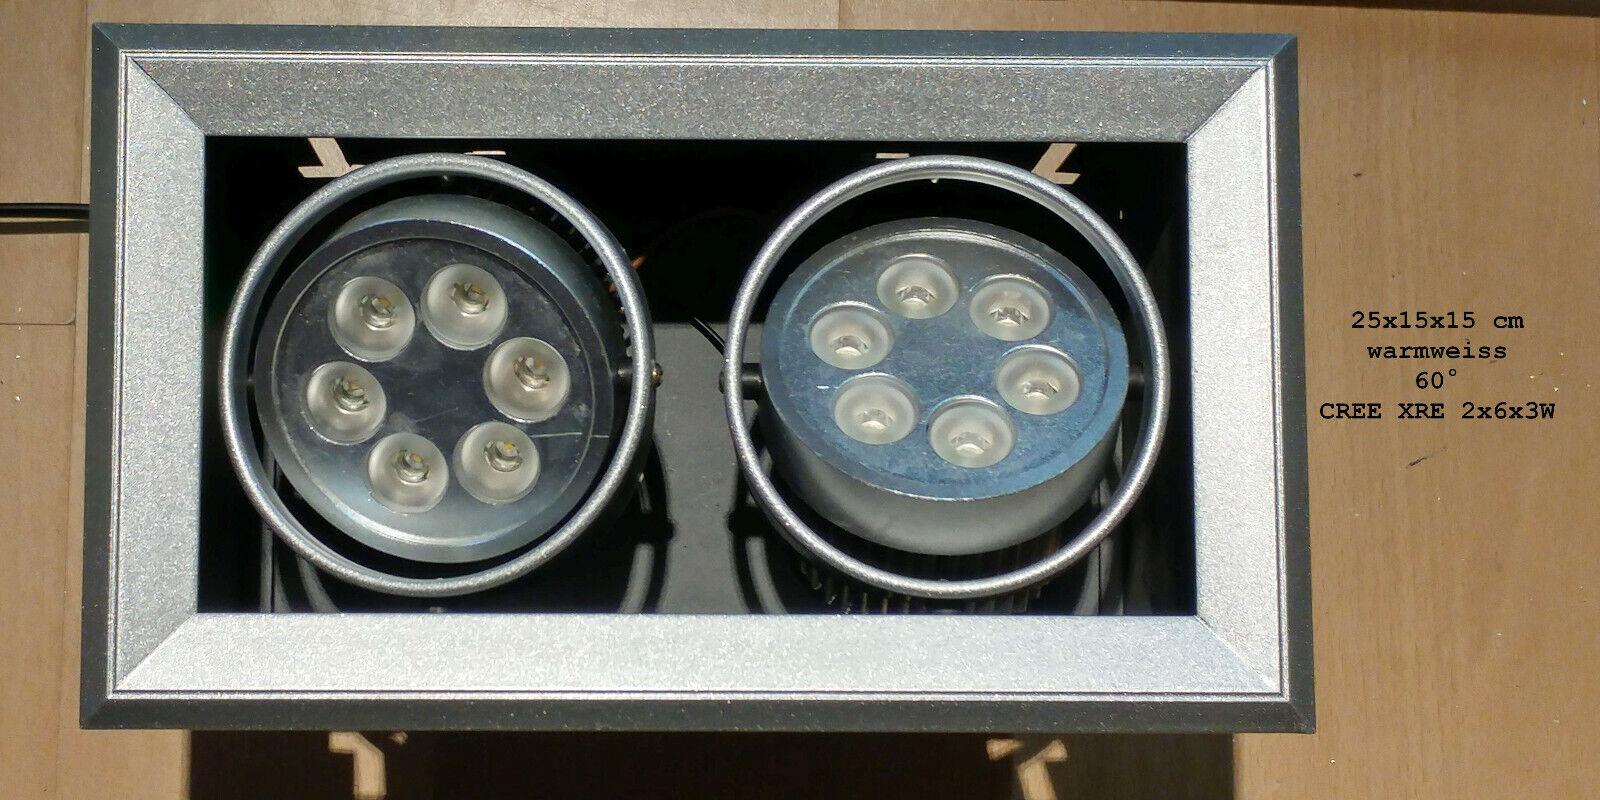 Einbau- Downlight, Kardanisch schwenkbarer LED Strahler 2 x 18W warmweiß